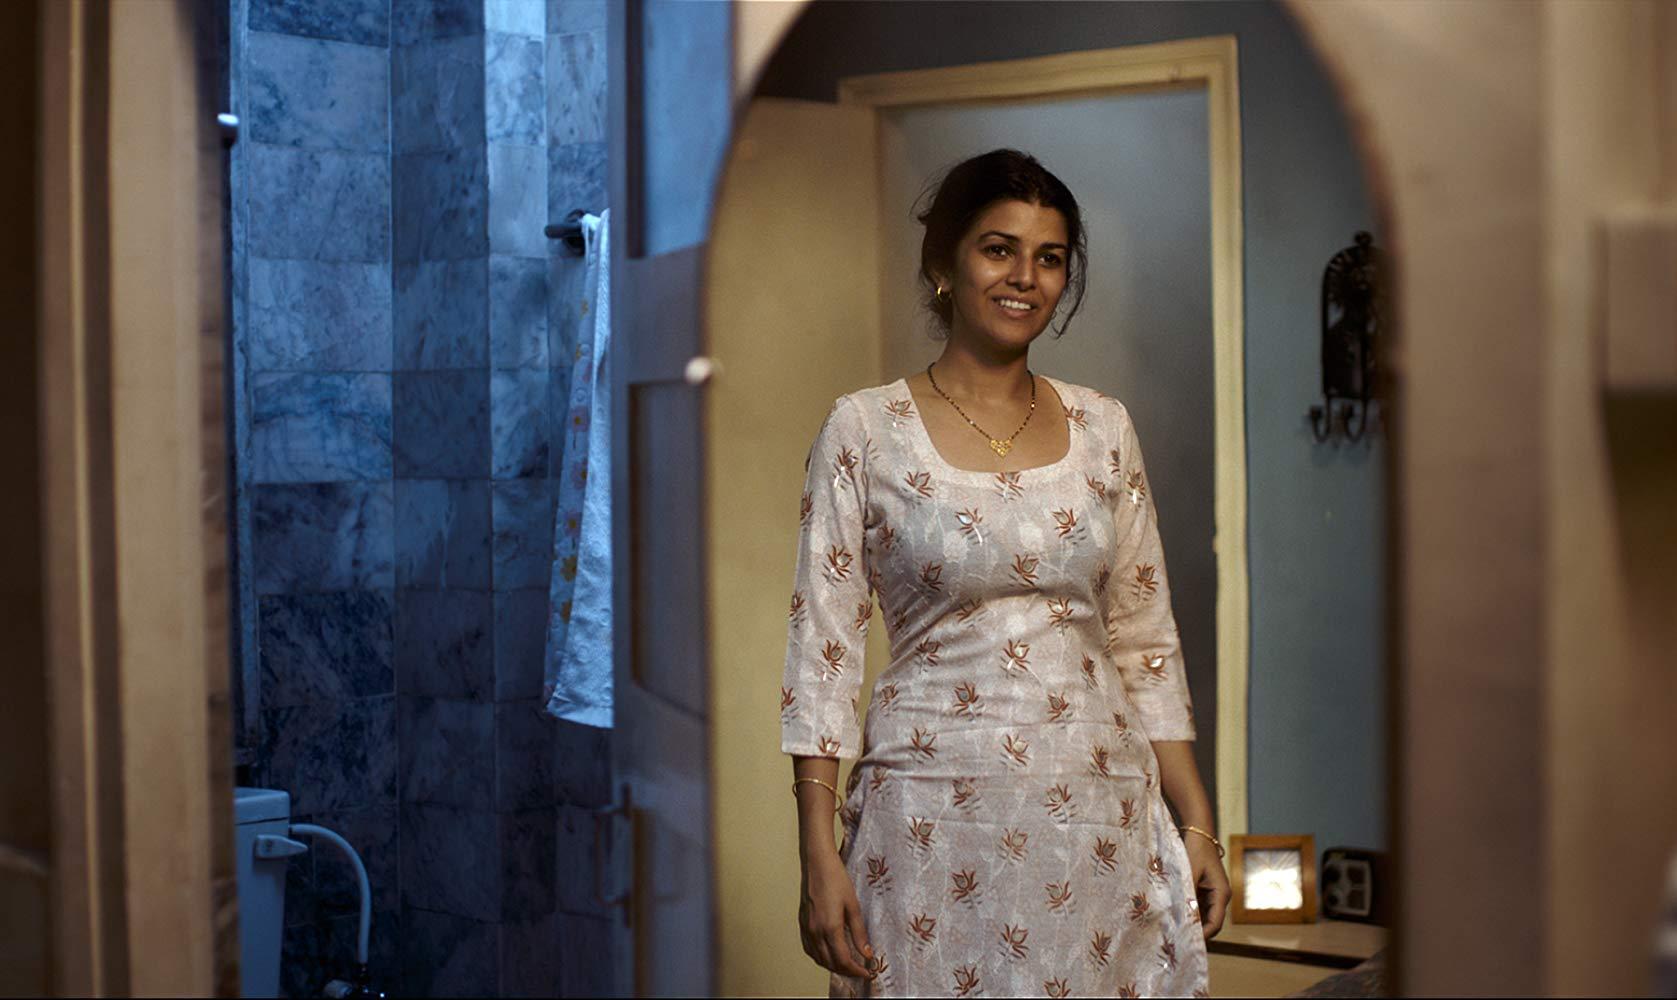 फिल्म 'द लंचबॉक्स' निमरत के लिए बिग ब्रेक साबित हुई. इस अभिनेत्री को साल 2012 में इरफान खान के साथ कास्ट किया गया और 'द लंचबॉक्स' को मिली जबर्दस्त सफलता का फायदा निमरत को मिला. उन्हें बड़ी फिल्मों के ऑफर मिलने लगे.